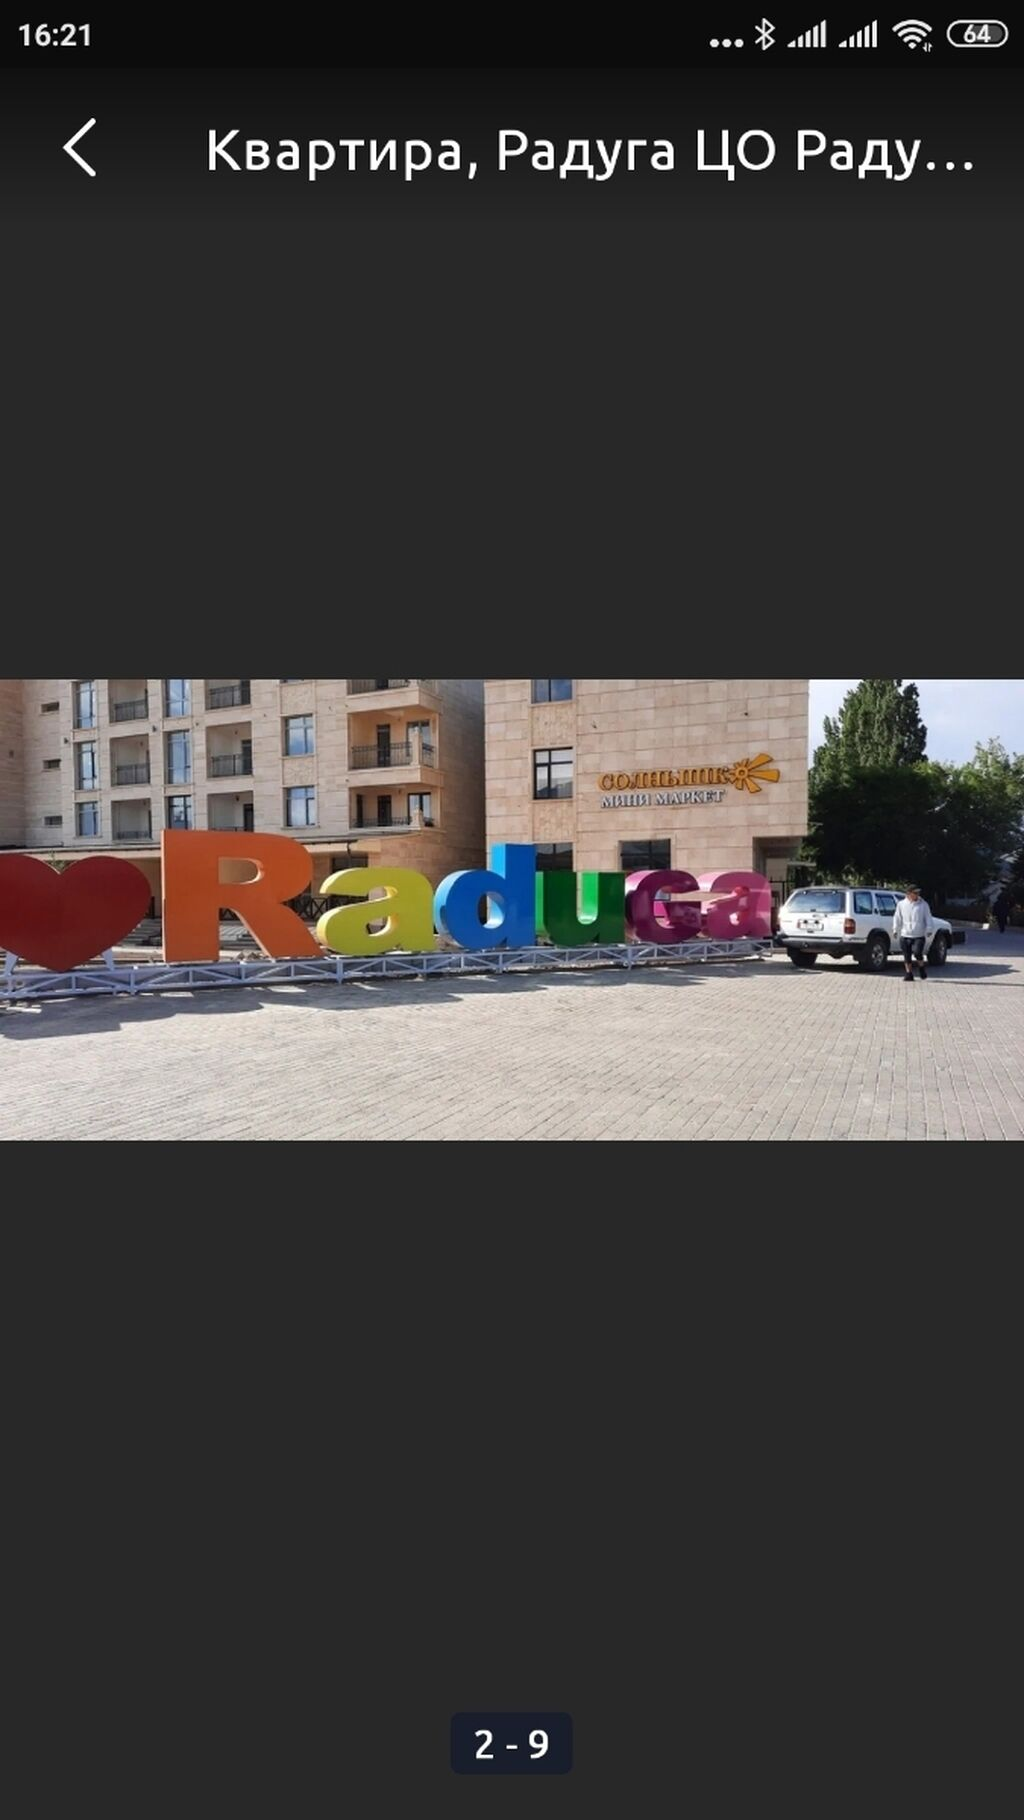 Квартира, Радуга Детская площадка | Объявление создано 25 Июль 2021 10:22:05 | ОТДЫХ НА ИССЫК-КУЛЕ: Квартира, Радуга Детская площадка